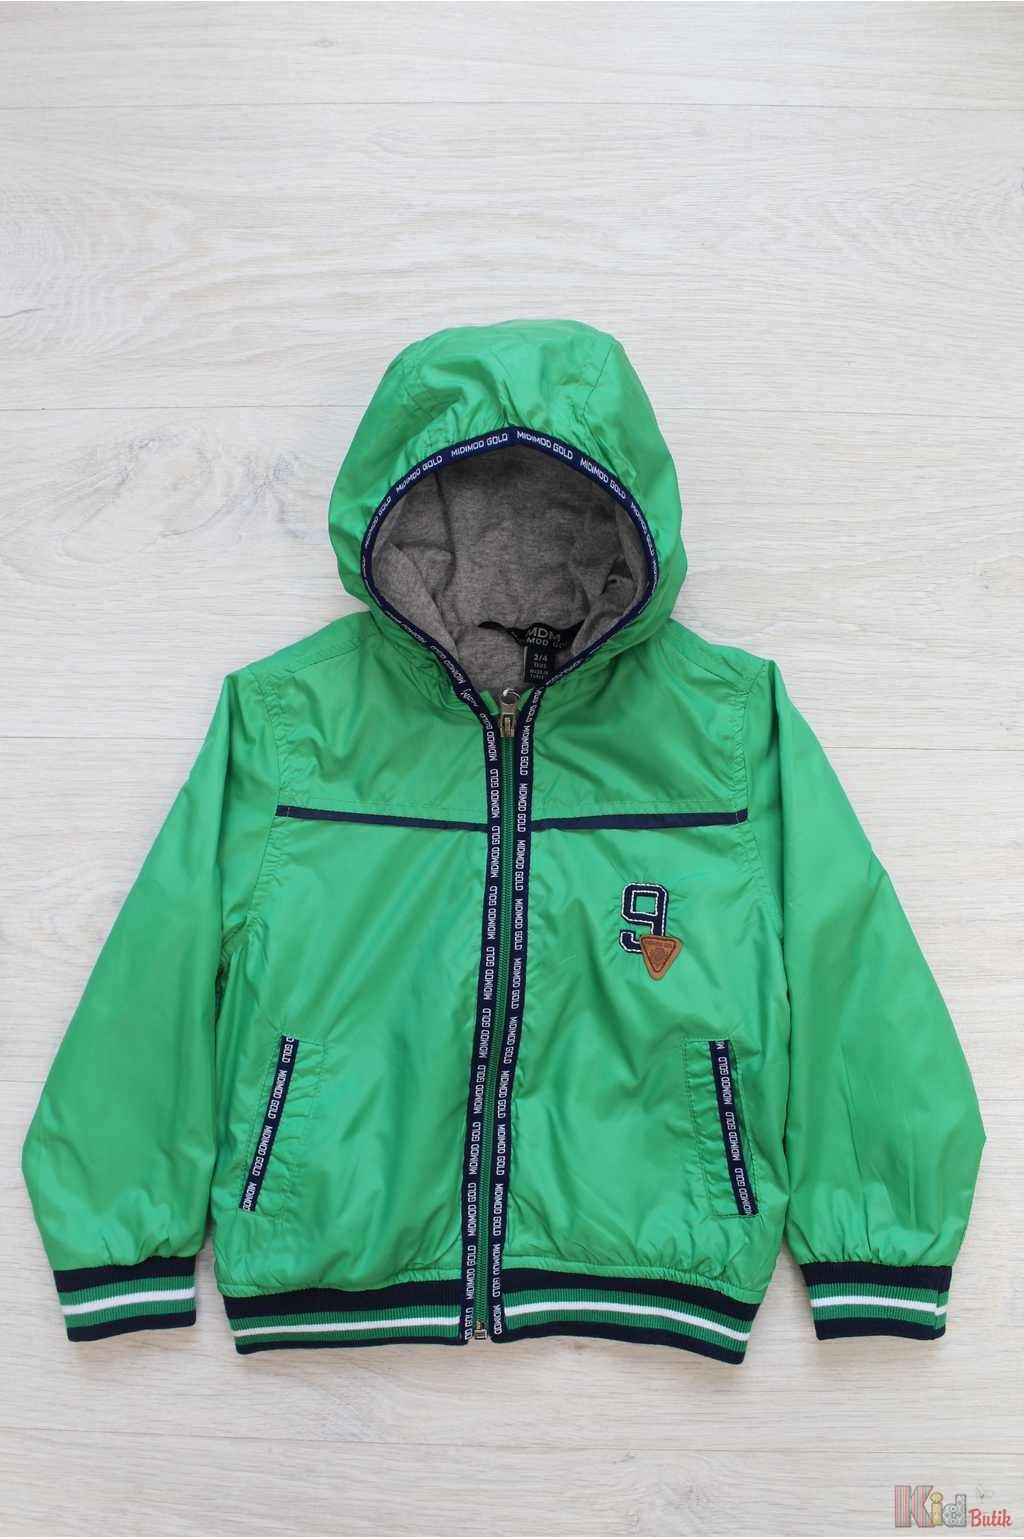 24fce3c8731f71 ᐈ Куртки для хлопчиків демісезонні, куртки весняні ᐈ Купити в інтернет  магазині KidButik™ ➔ Вигідна ціна!